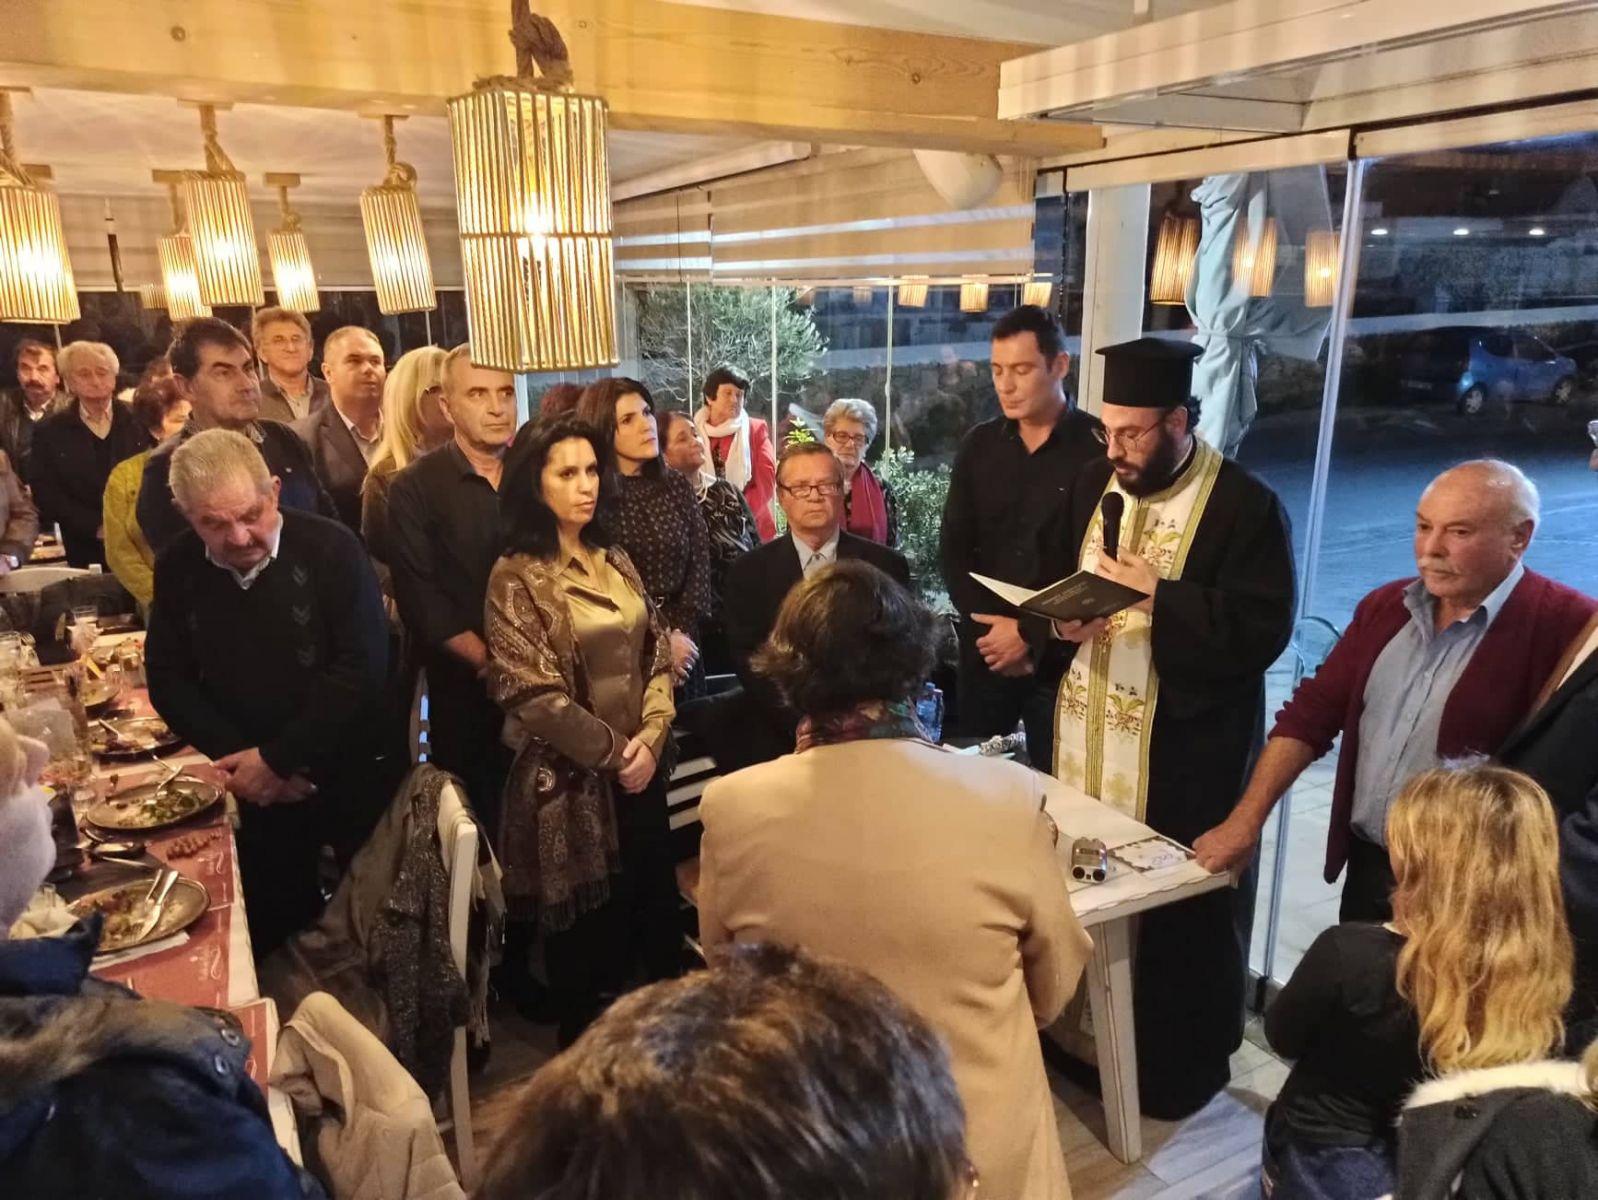 Ο Φιλανθρωπικός Σύλλογος «Μυκονιάτικη Αλληλεγγύη» έκοψε απόψε την Αγιοβασιλόπιτα του